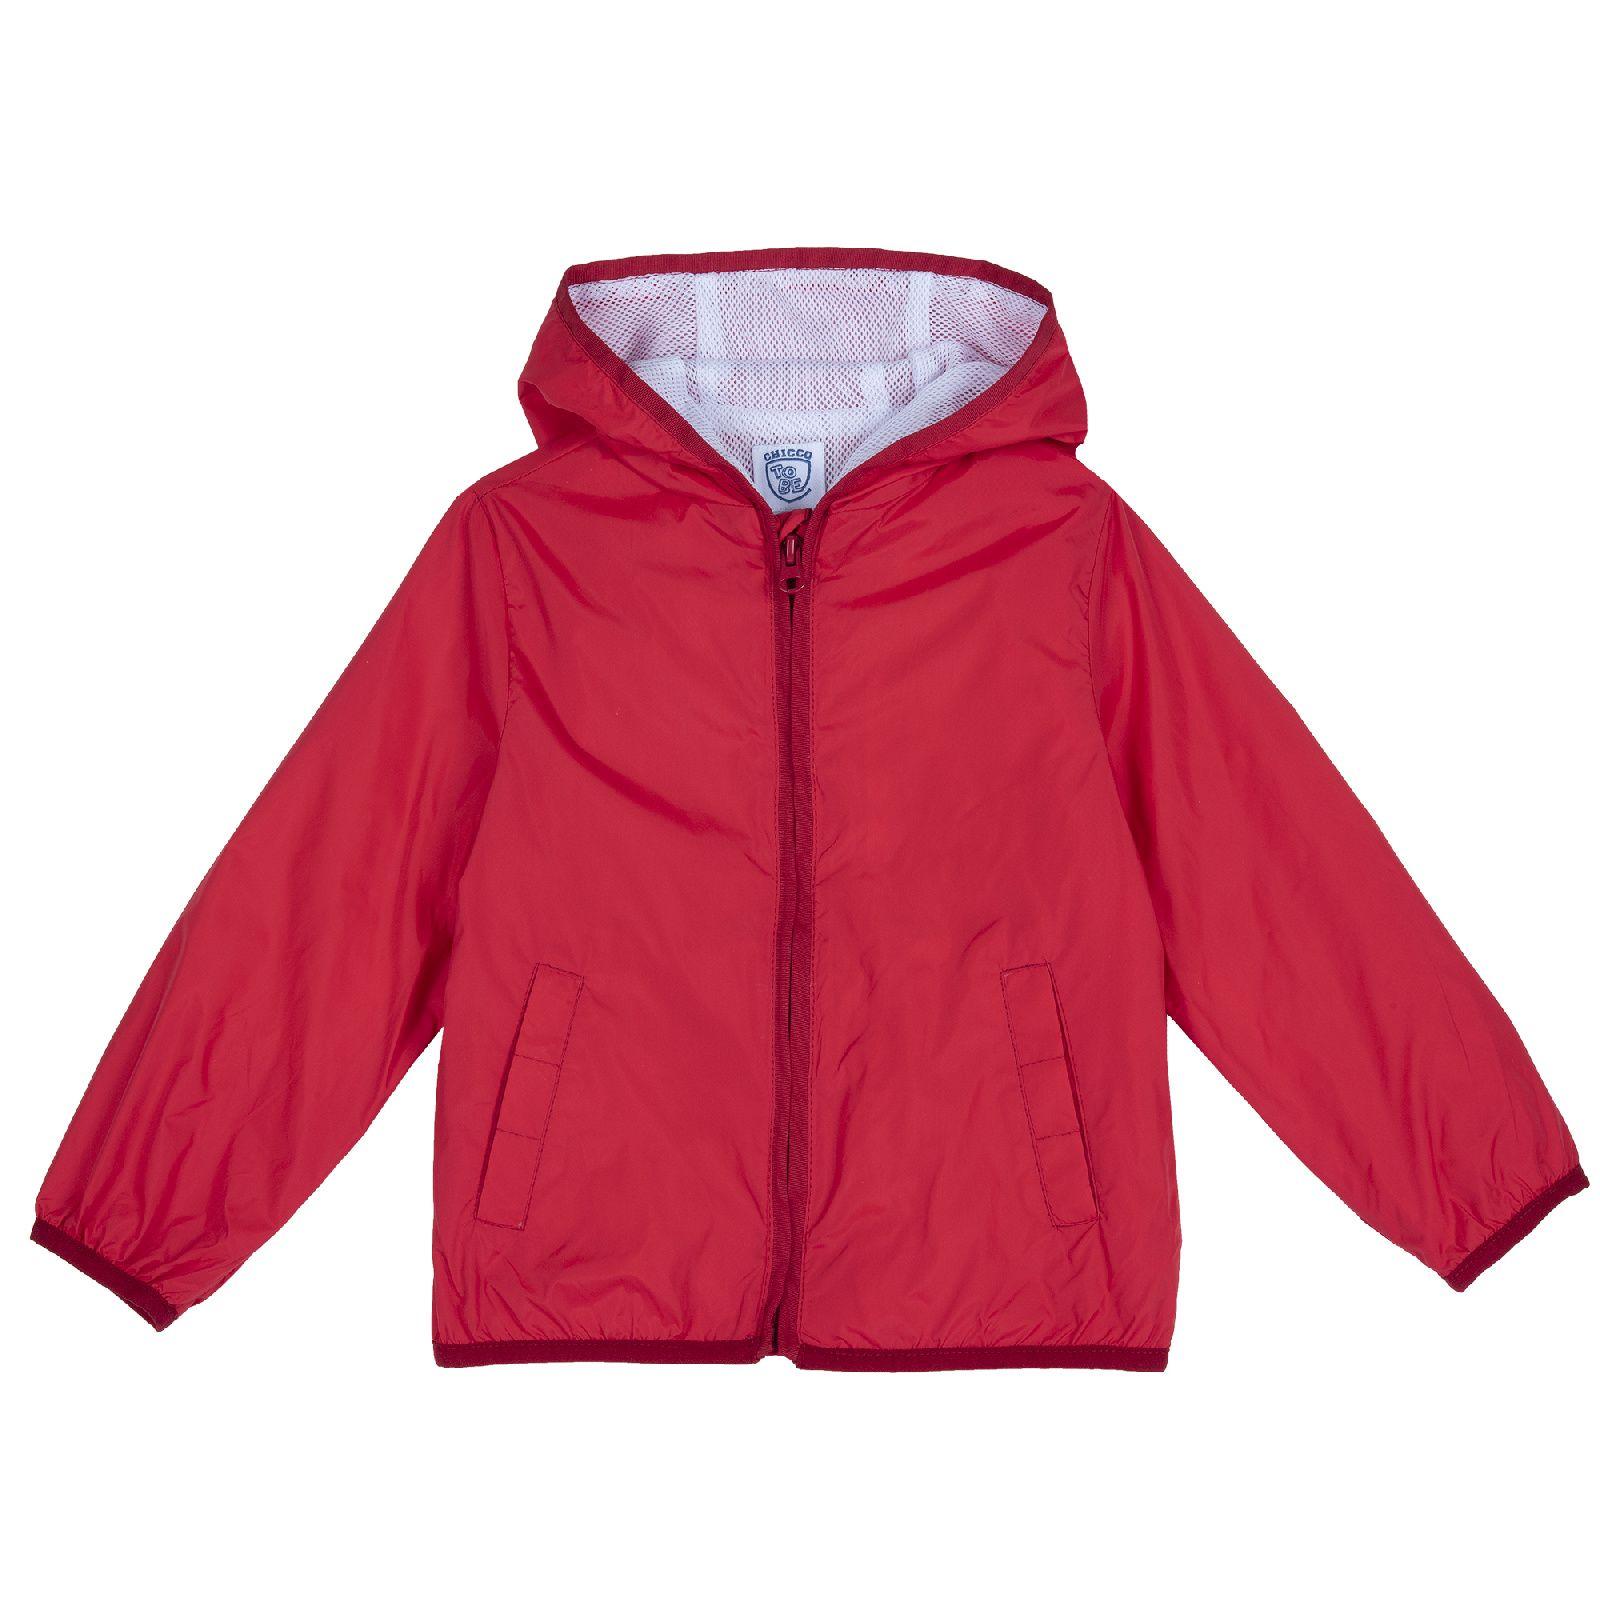 Купить 9087451, Куртка для мальчиков Chicco без принта, цвет красный, размер 122,